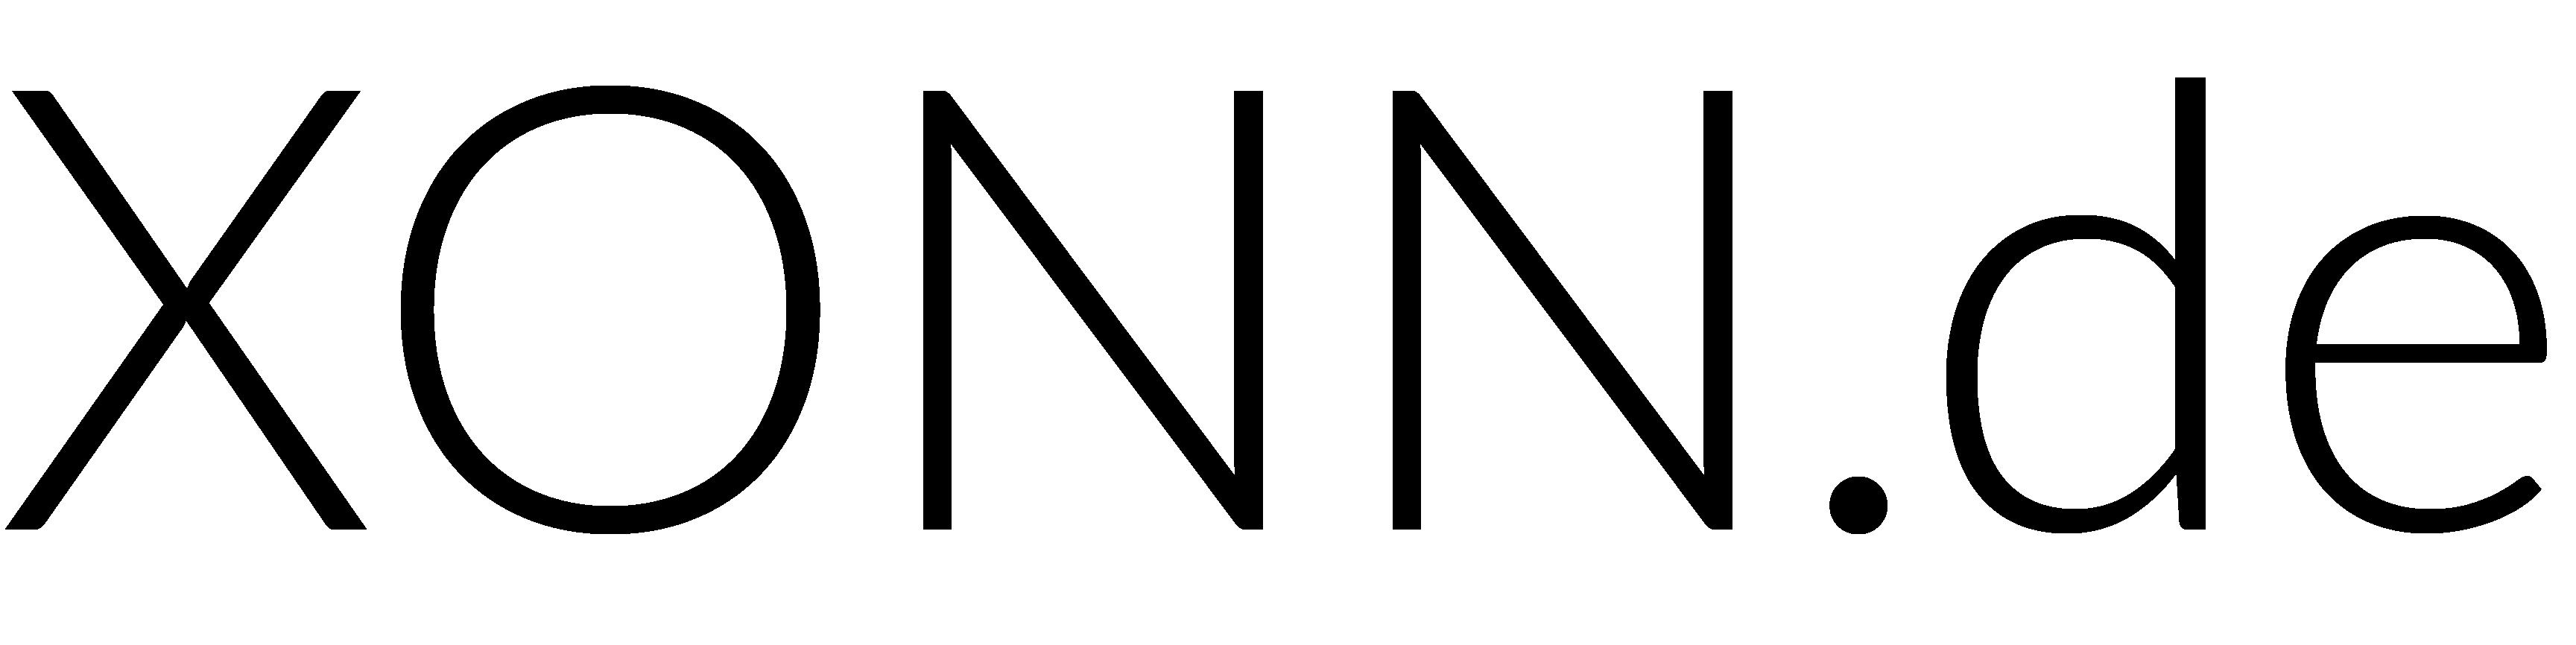 XONN.de Logo black